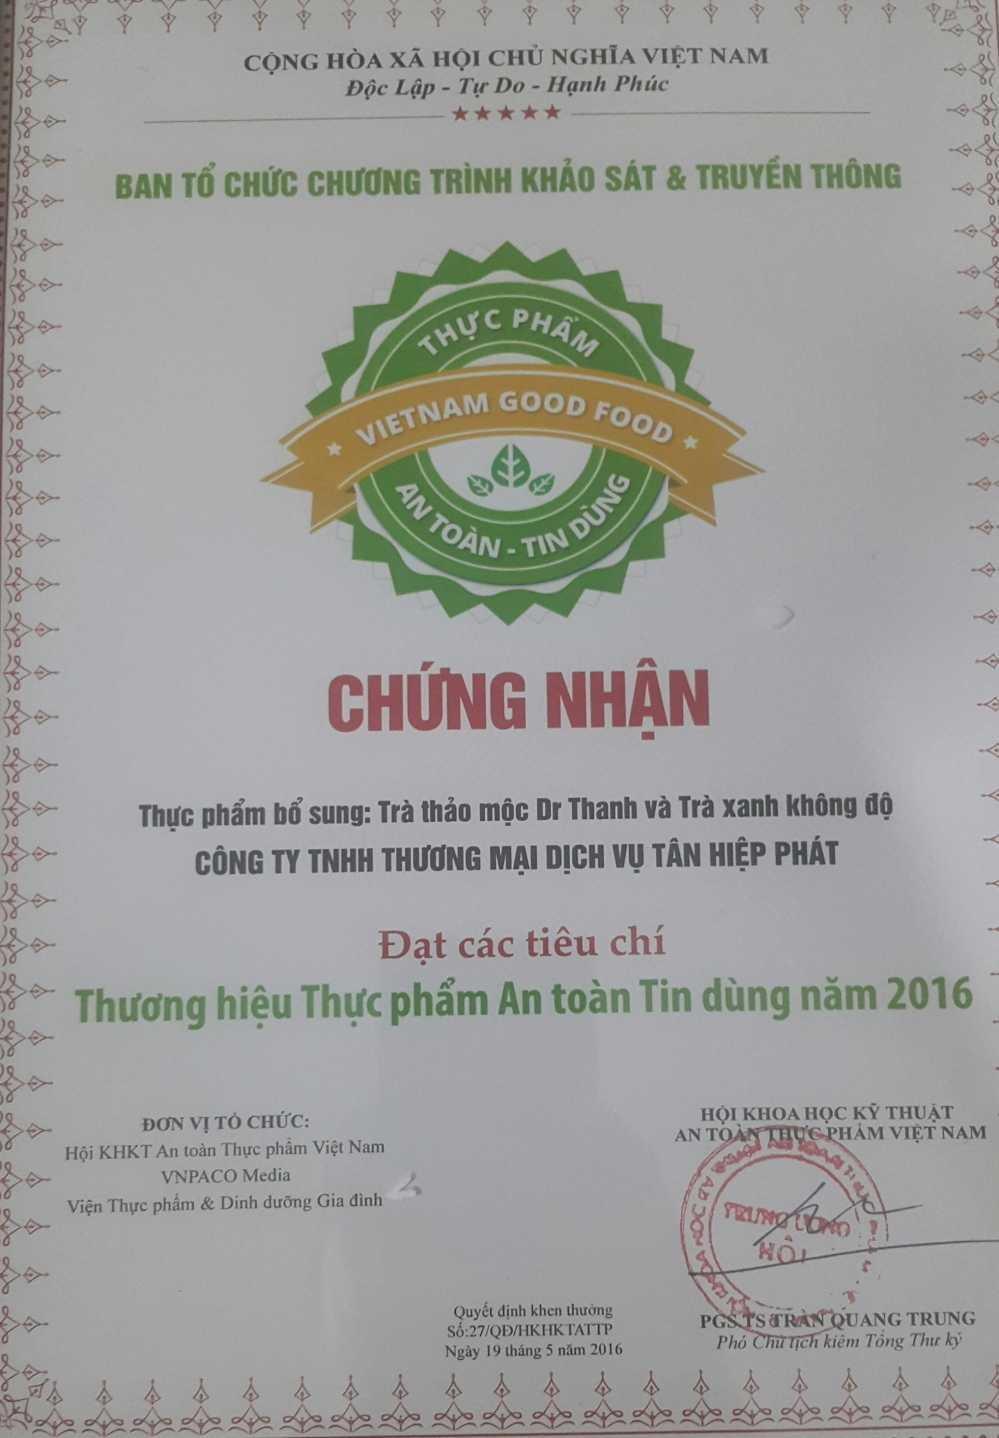 Don vi nao to chuc trao giai thuong 'Thuc pham an toan tin dung 2016'? hinh anh 1